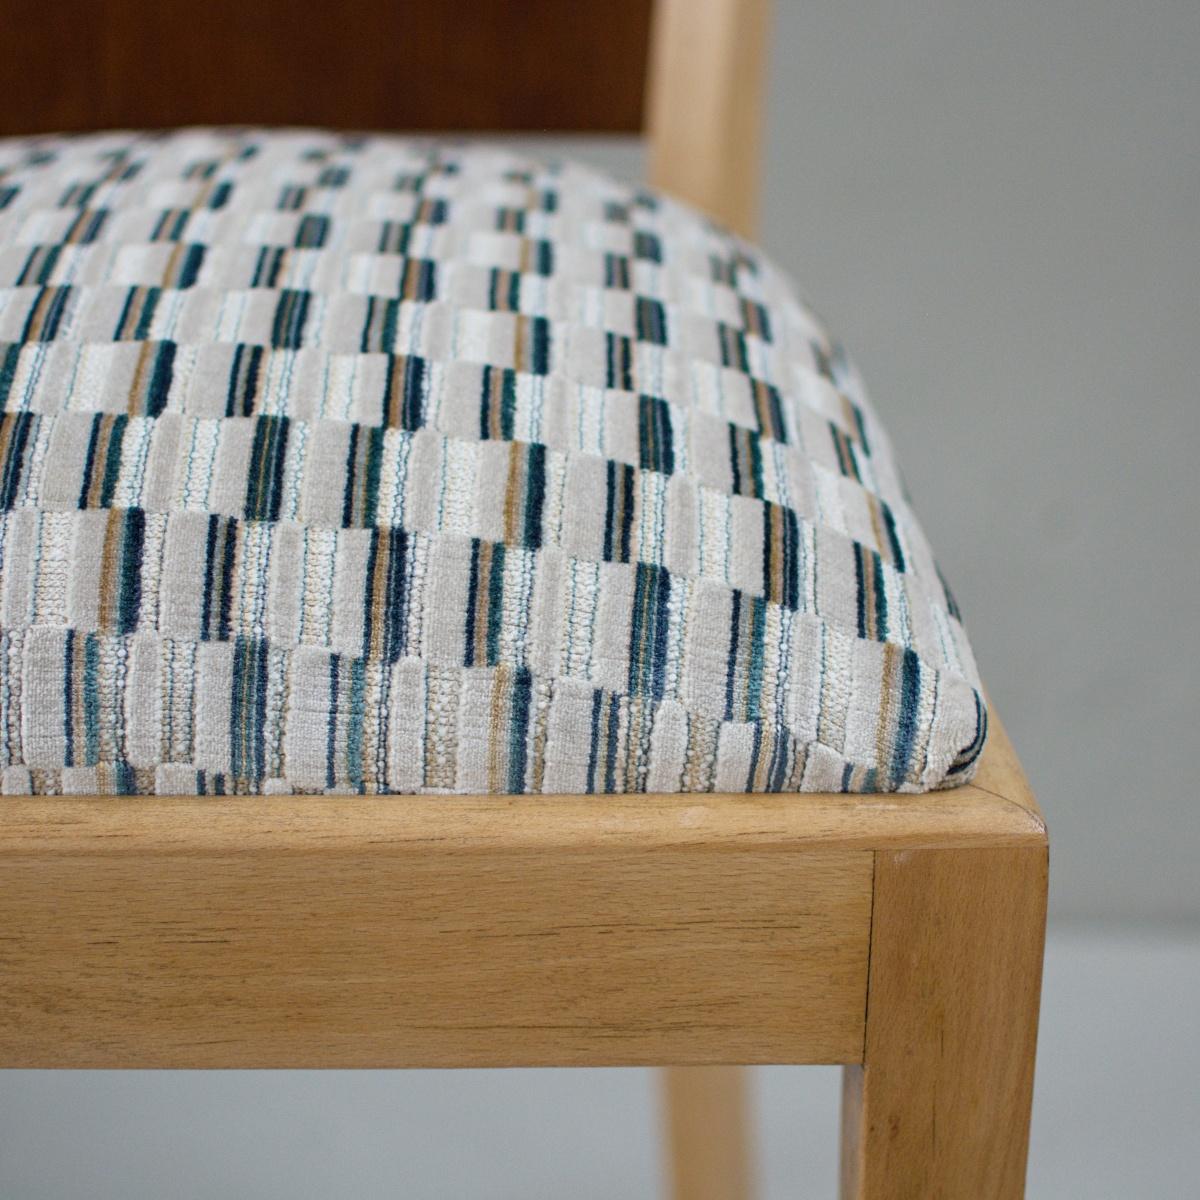 Prodej retro nábytku retro židle